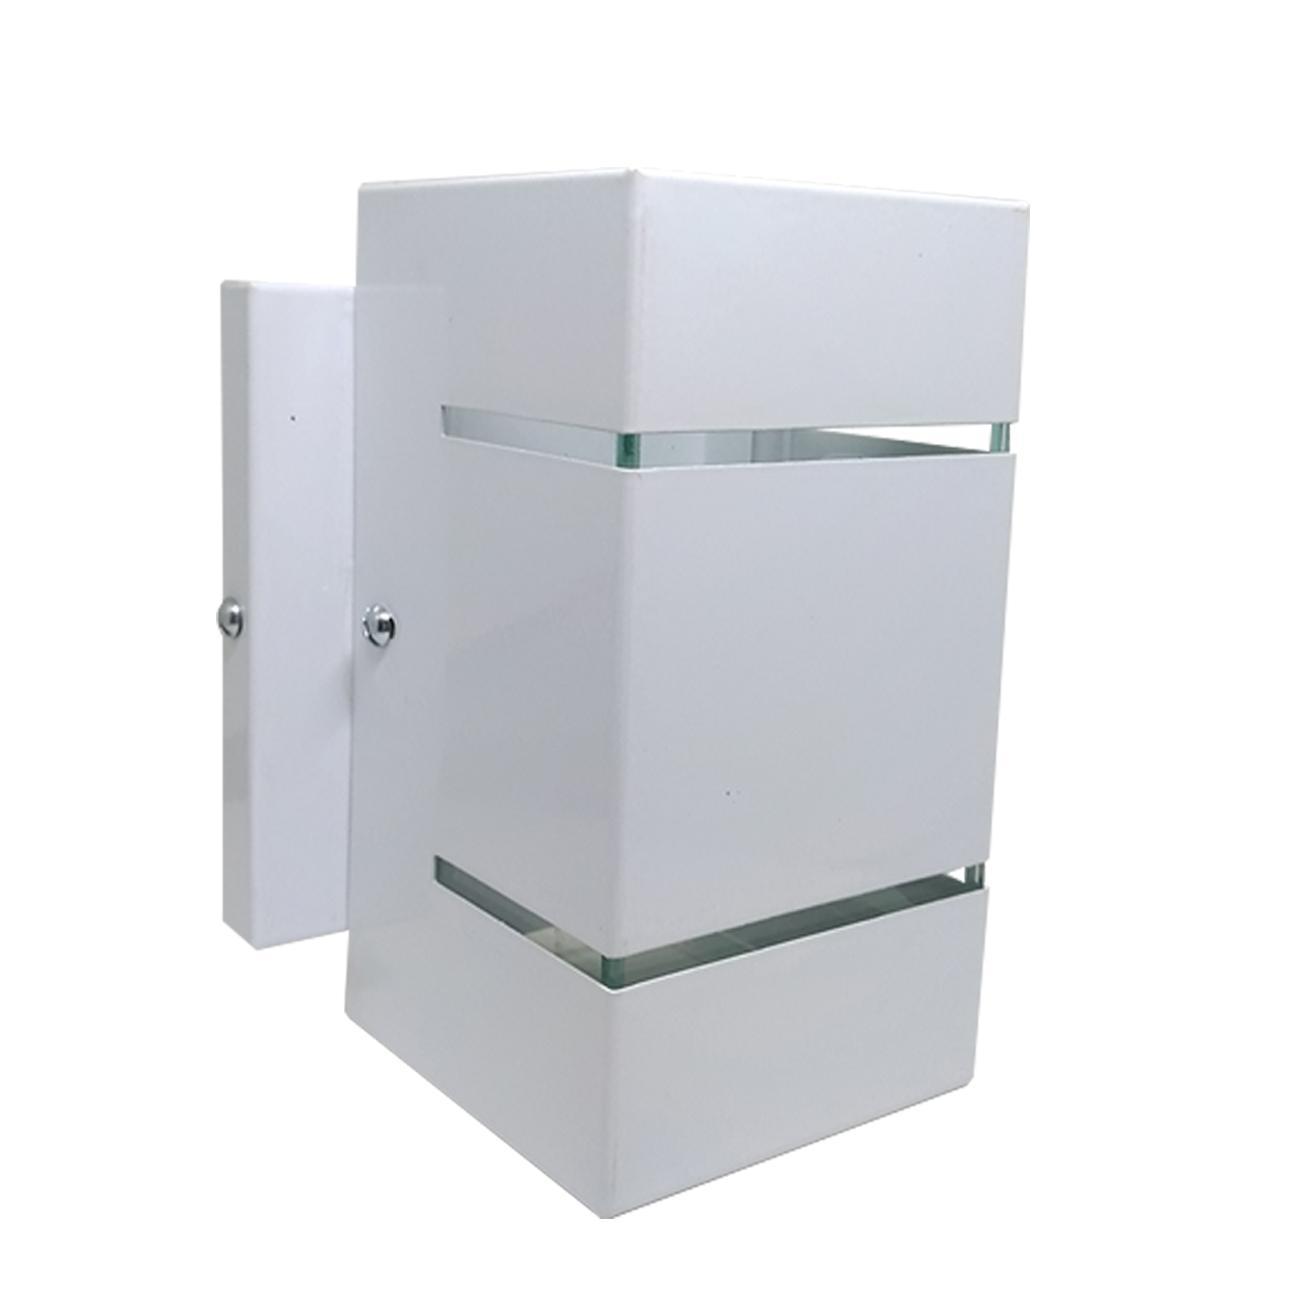 Luminária Arandela branca com dois focos e frisos em alumínio e vidro para área interna e externa H15cm x L8cm x Prof 10cm